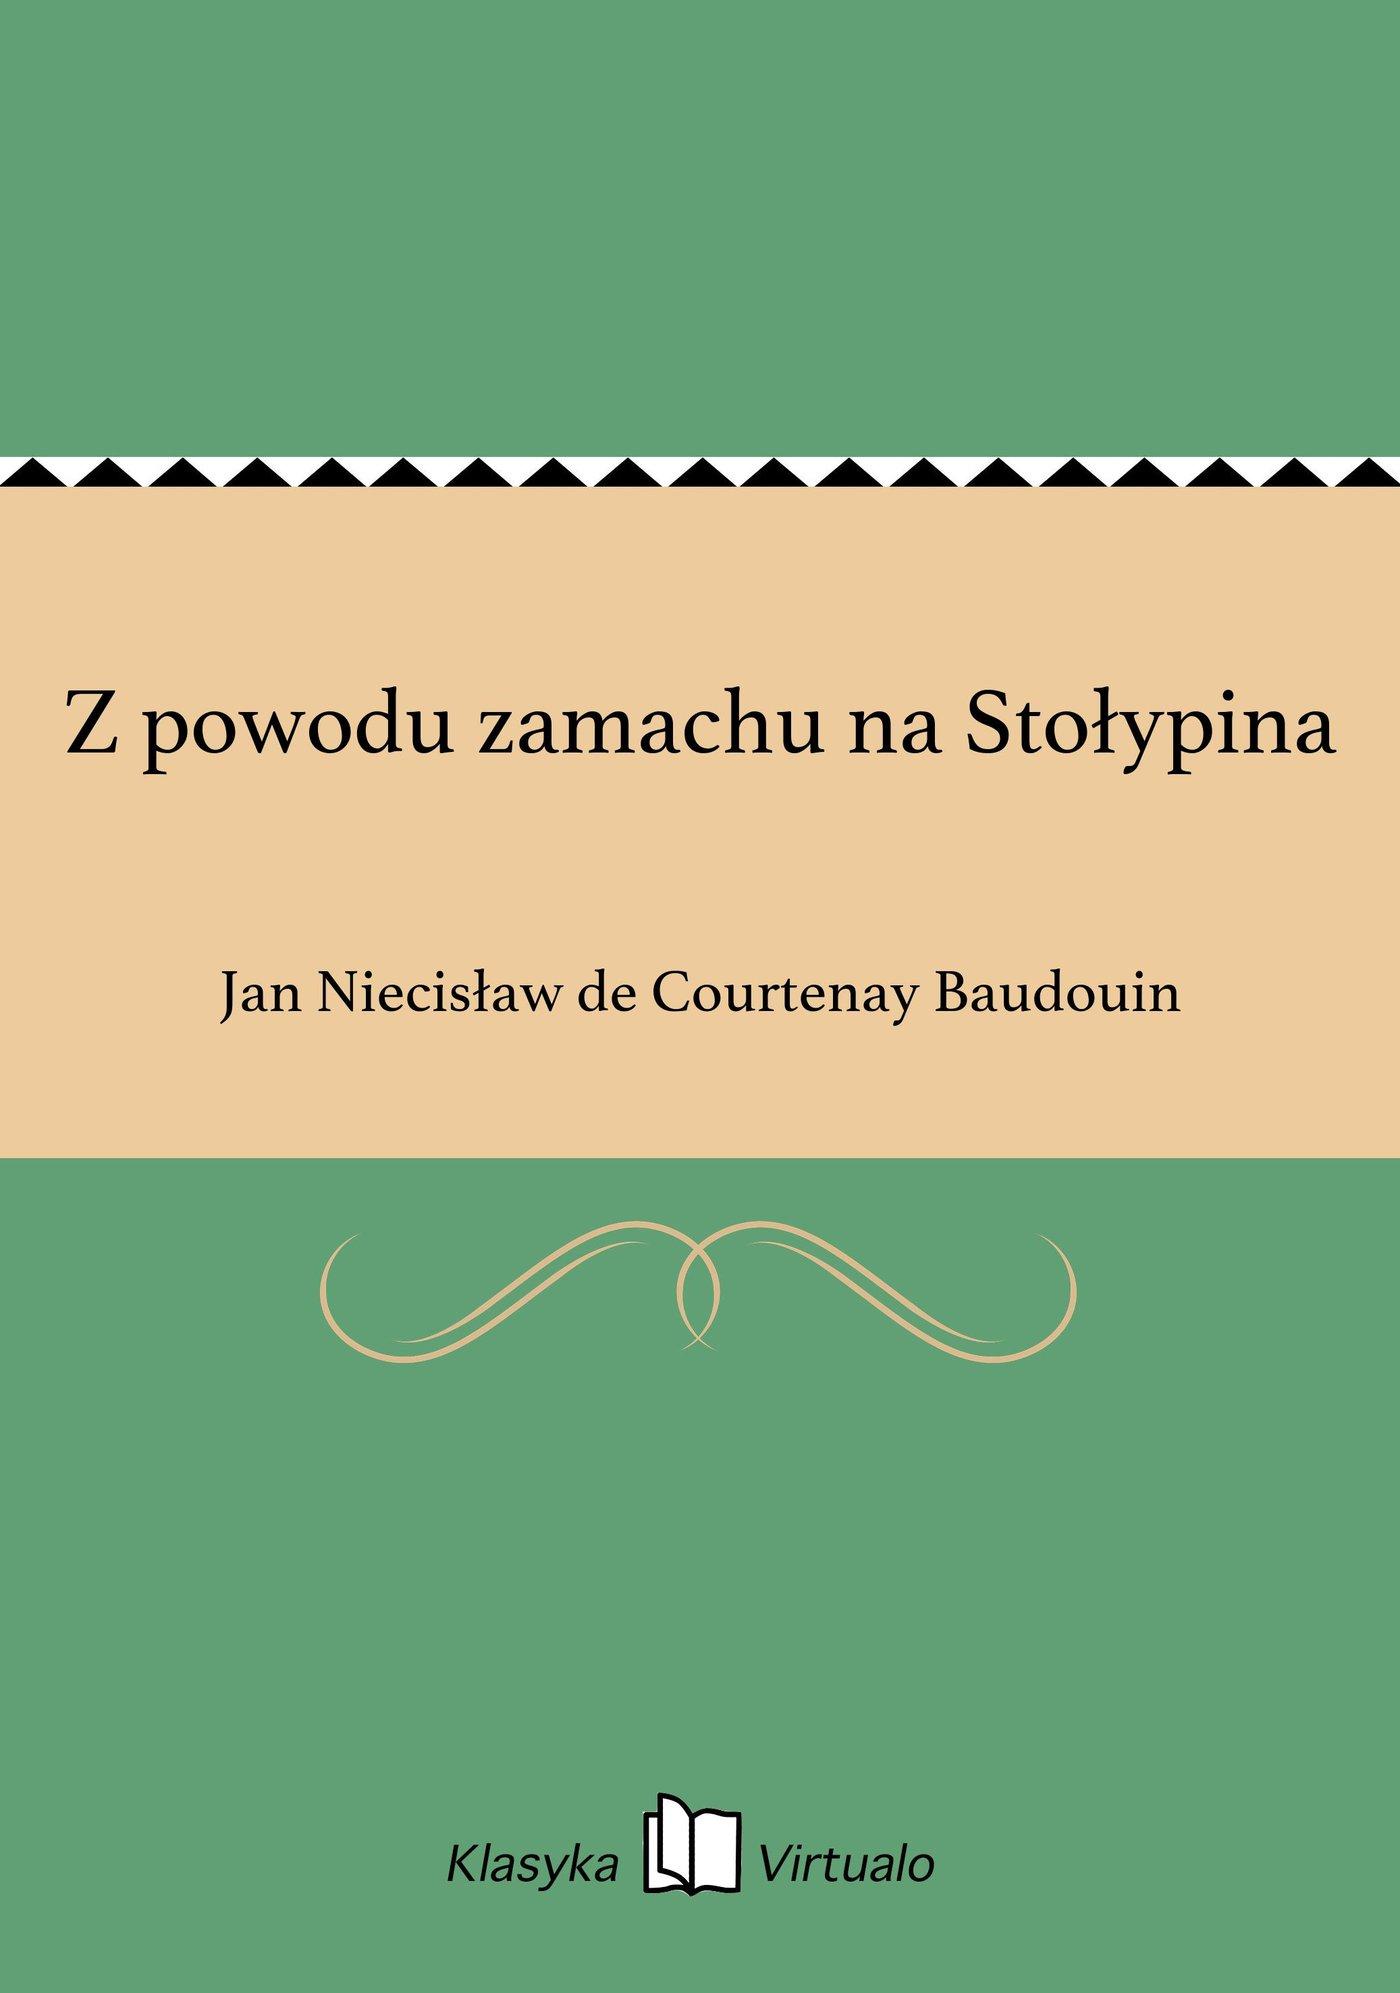 Z powodu zamachu na Stołypina - Ebook (Książka EPUB) do pobrania w formacie EPUB